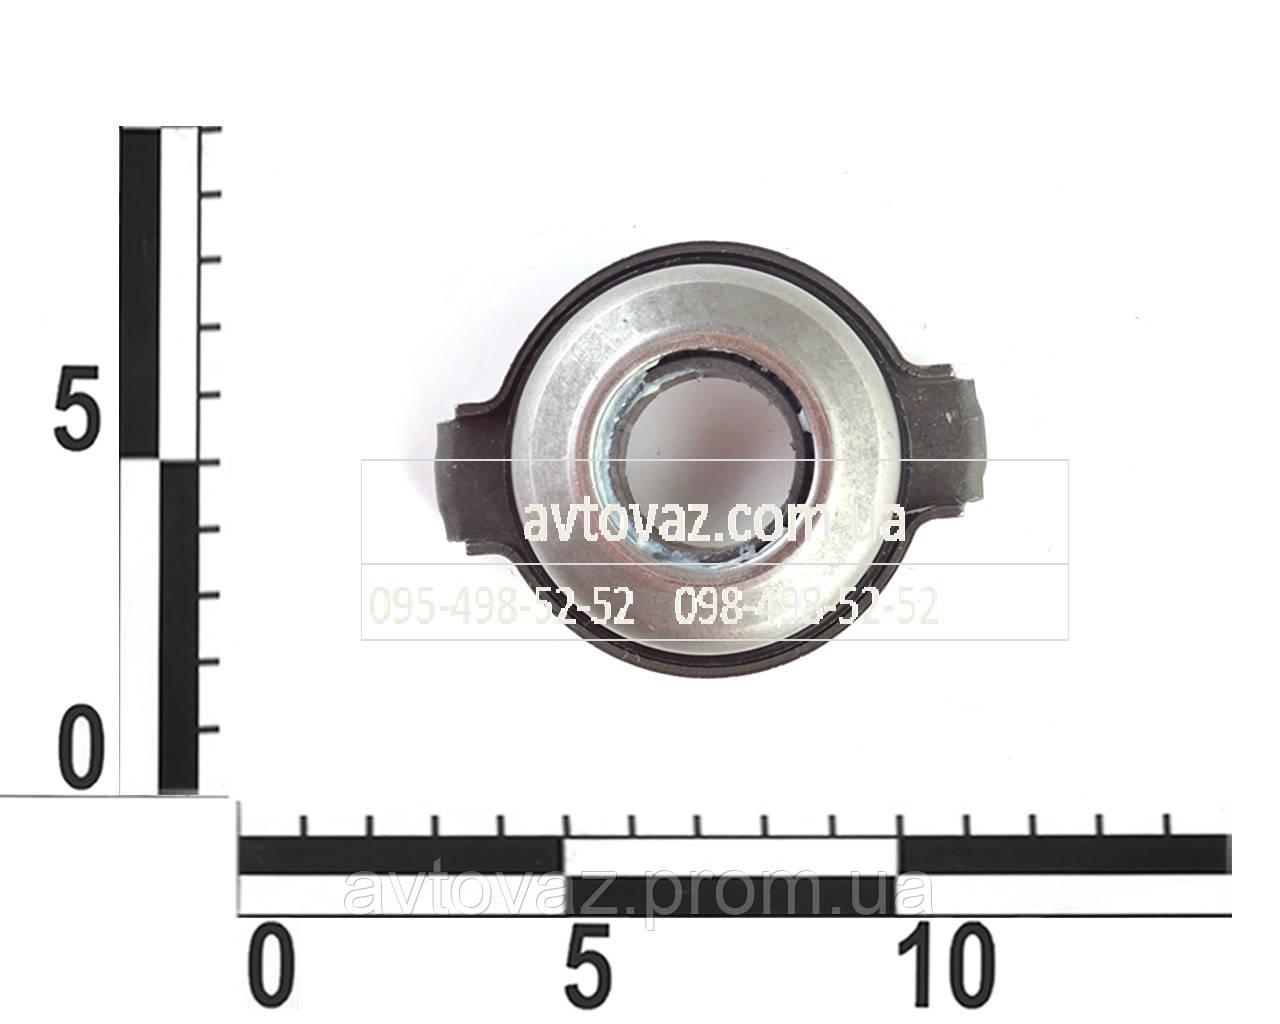 Подшипник выжимной ВАЗ 2108, 2109, 21099, 2110, 2111, 2112, 2113, 2114, 2115 (муфта сцепления в сб.)